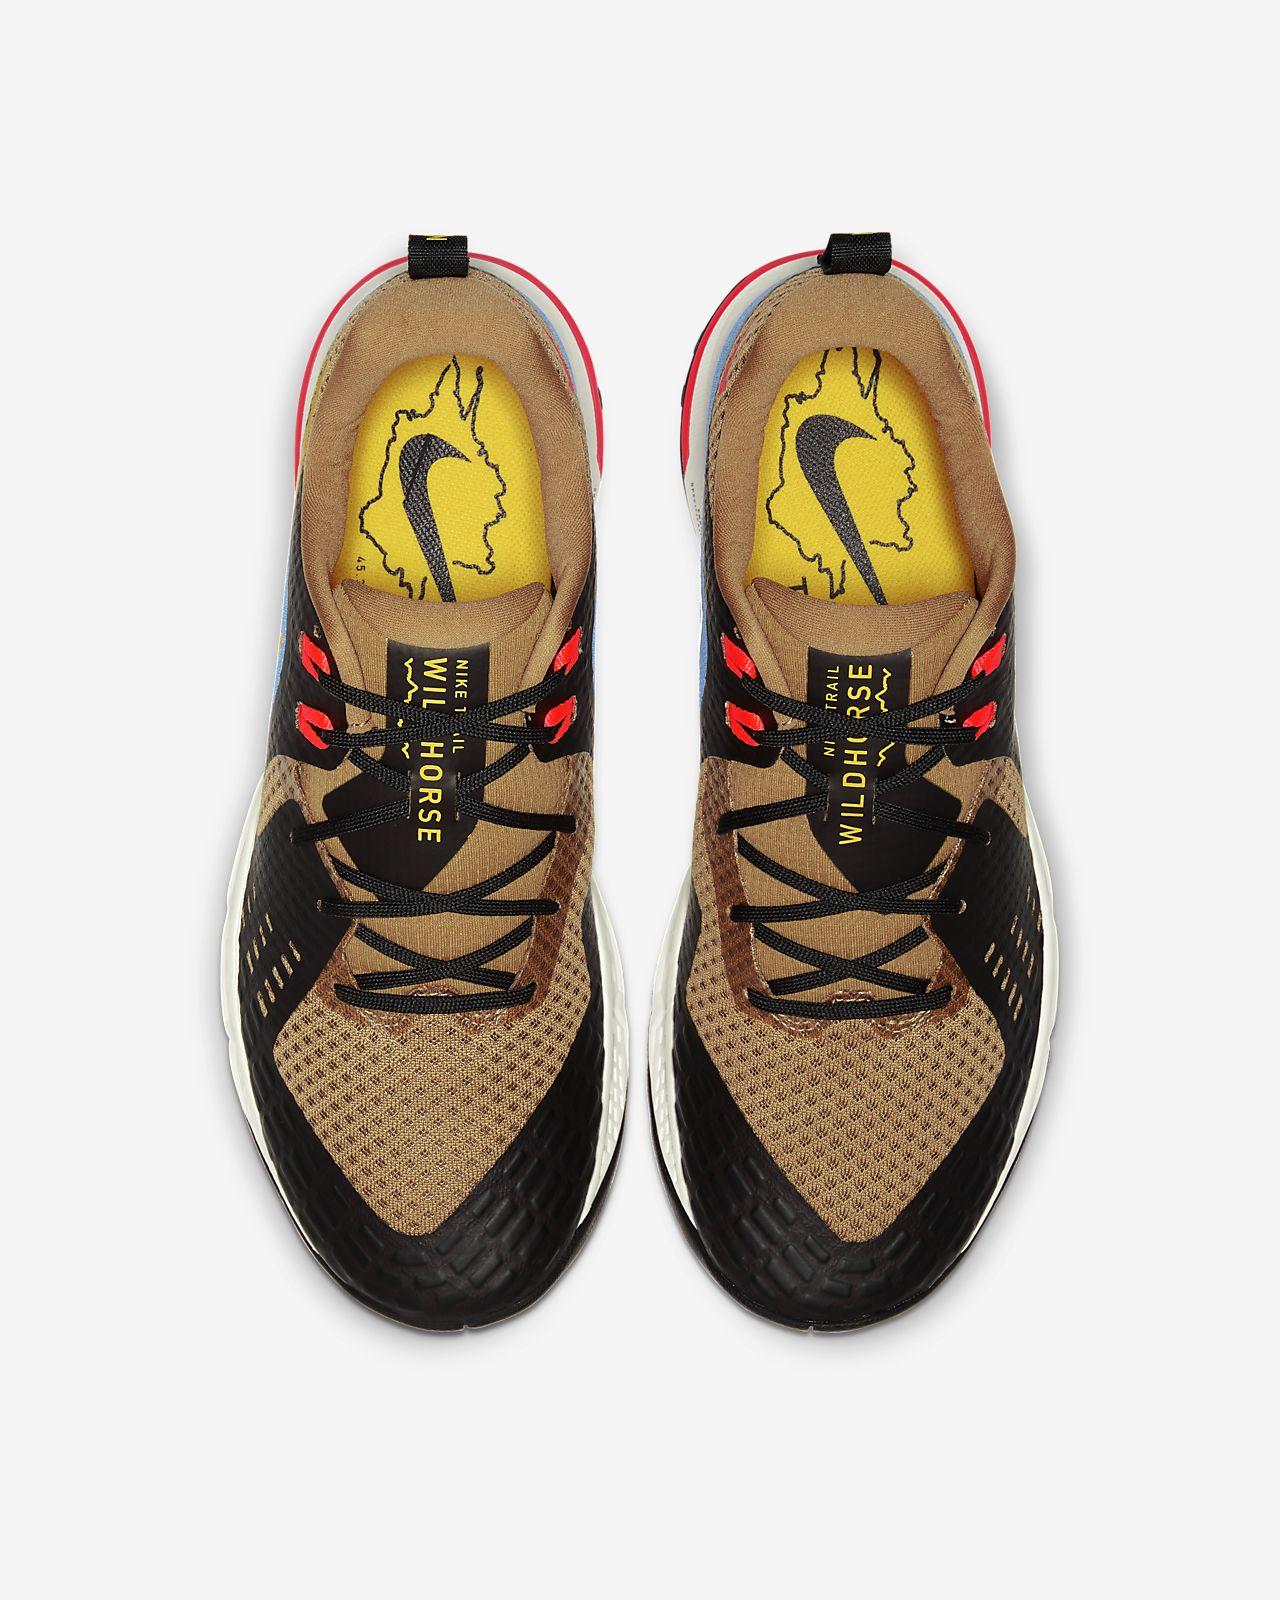 Zapatillas de trail running de hombre Air Zoom Wildhorse 5 Nike